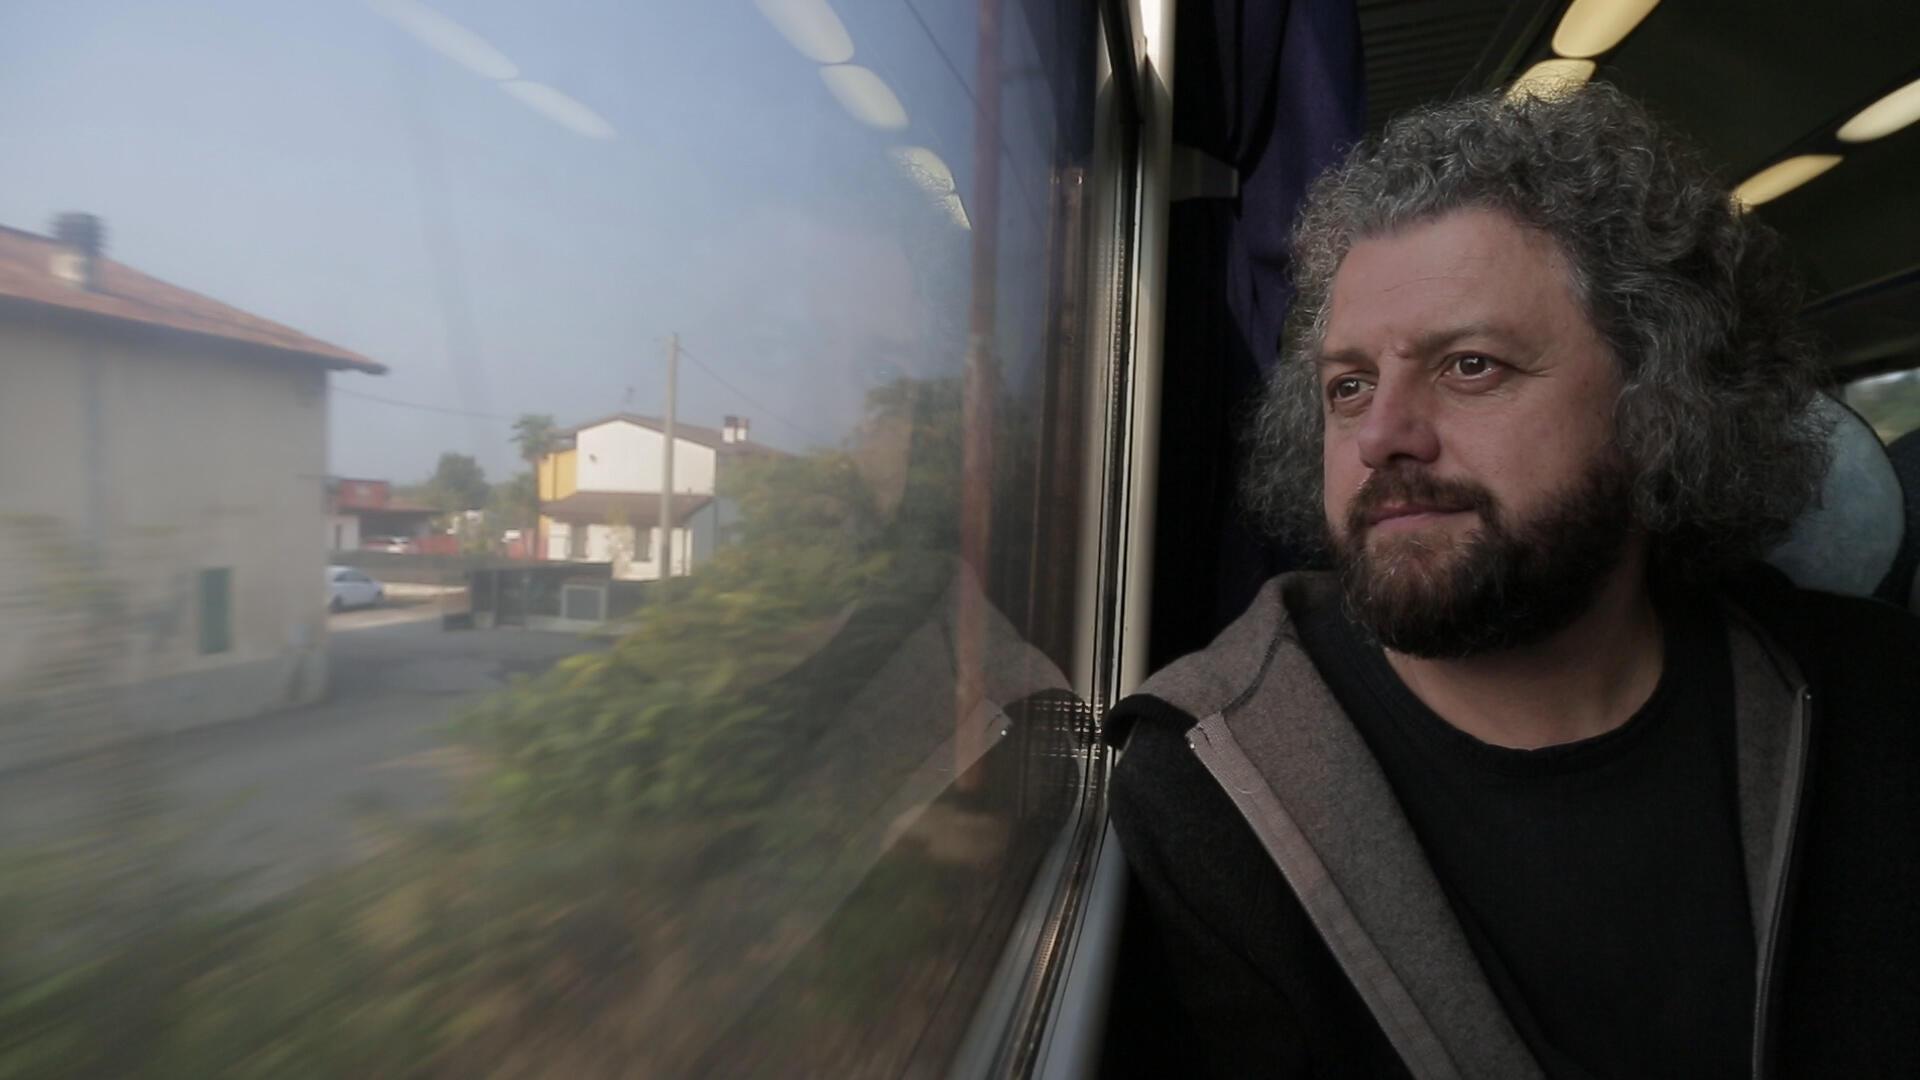 Белорусский поэт Дмитрий Строцев арестован на 13 суток за участие в митинге